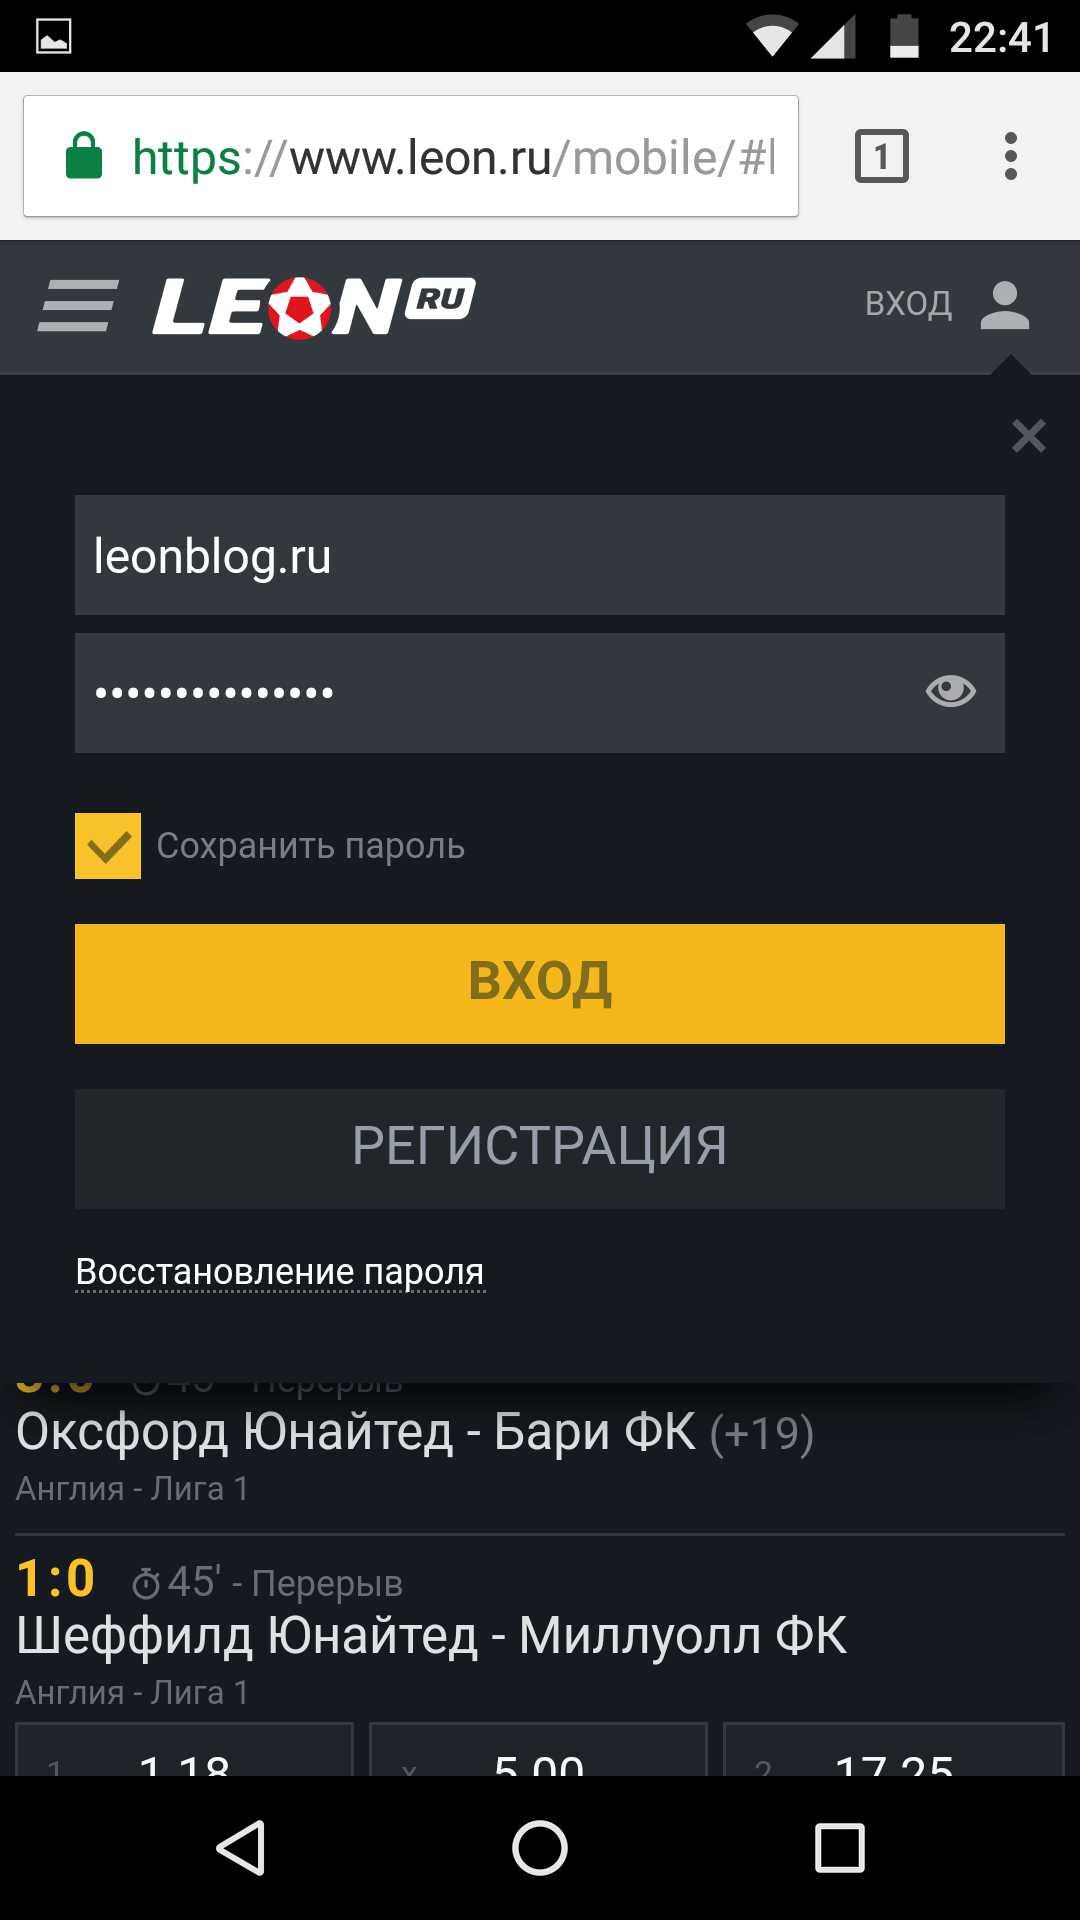 БК «Леон» (ставки на спорт). Вход на сайт с мобильного